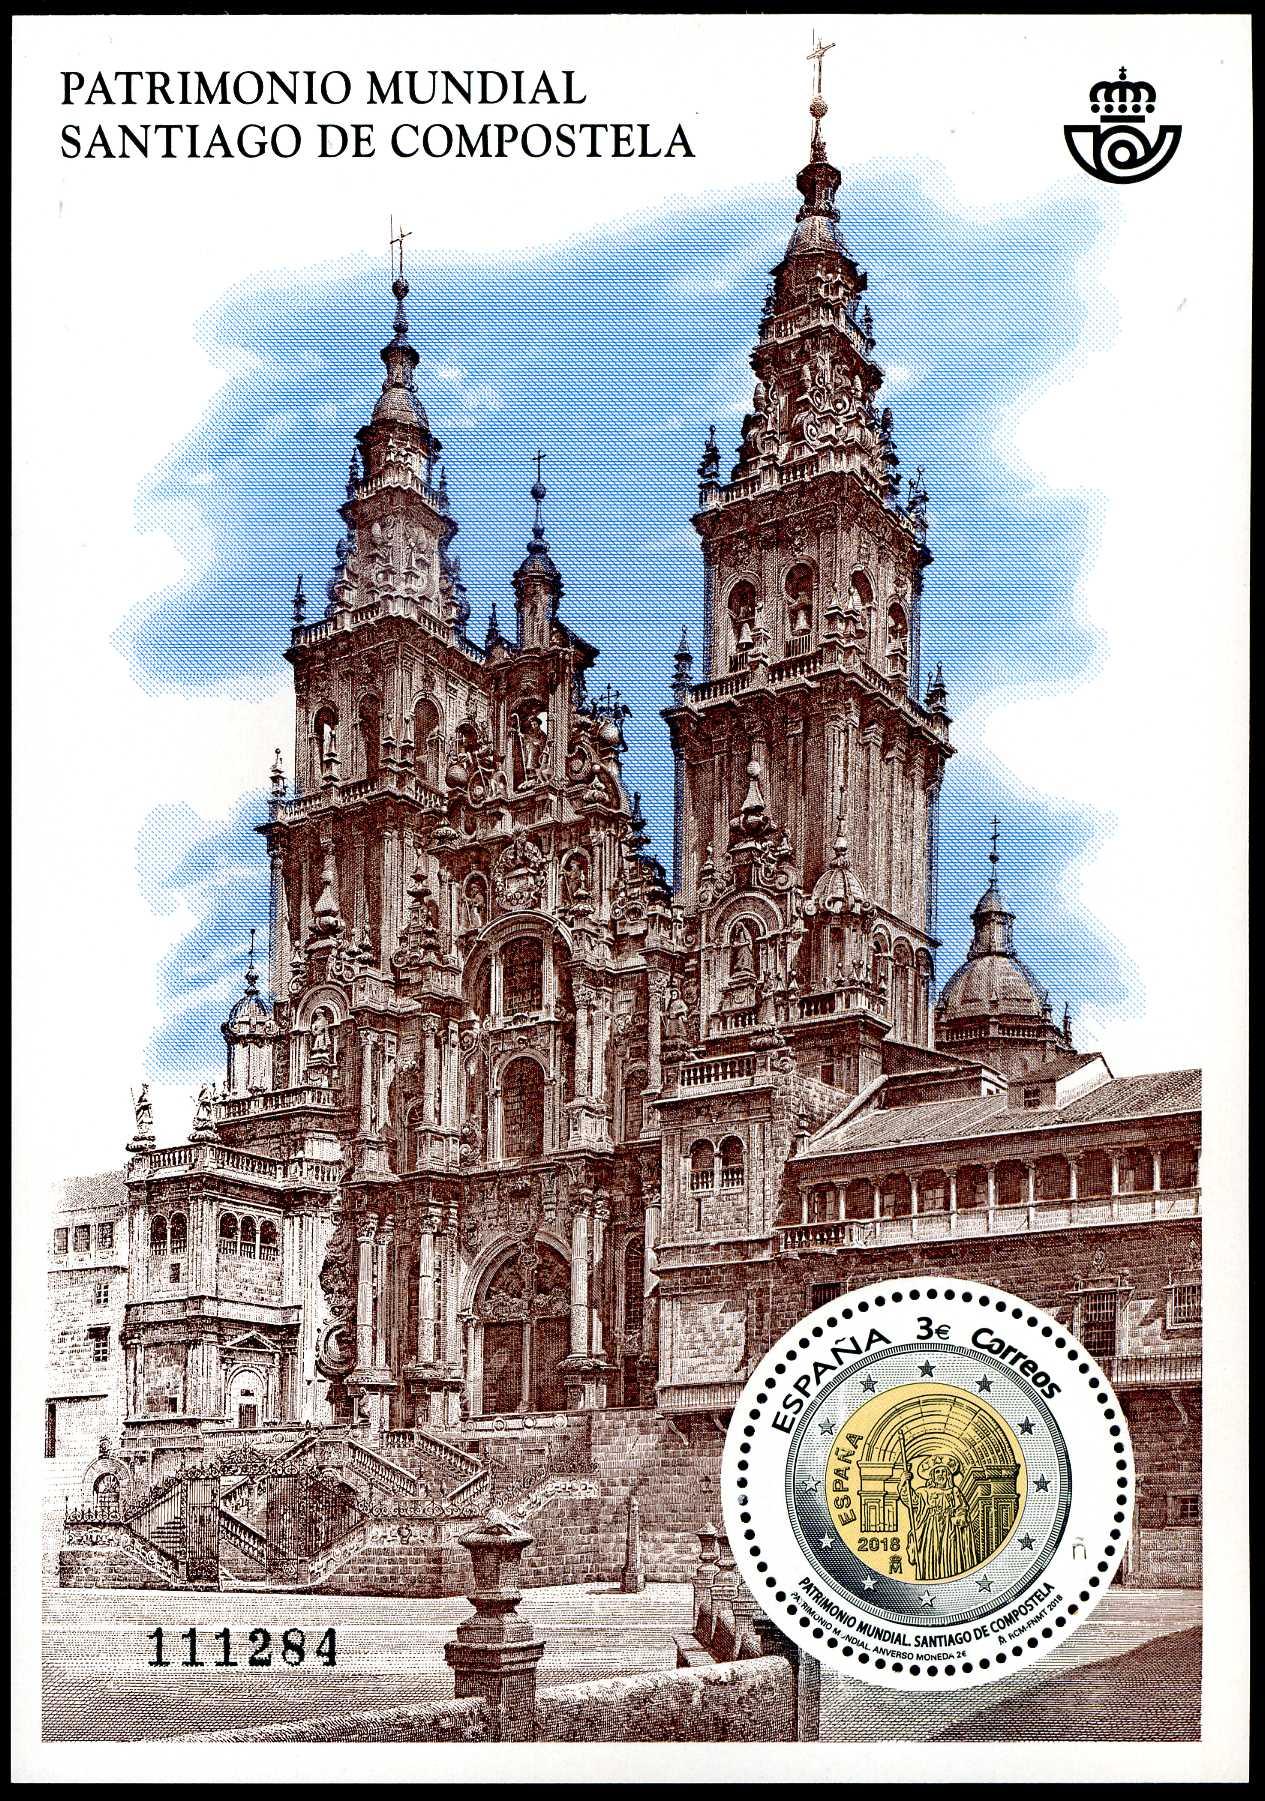 ES 305 2018 Compostela.jpg